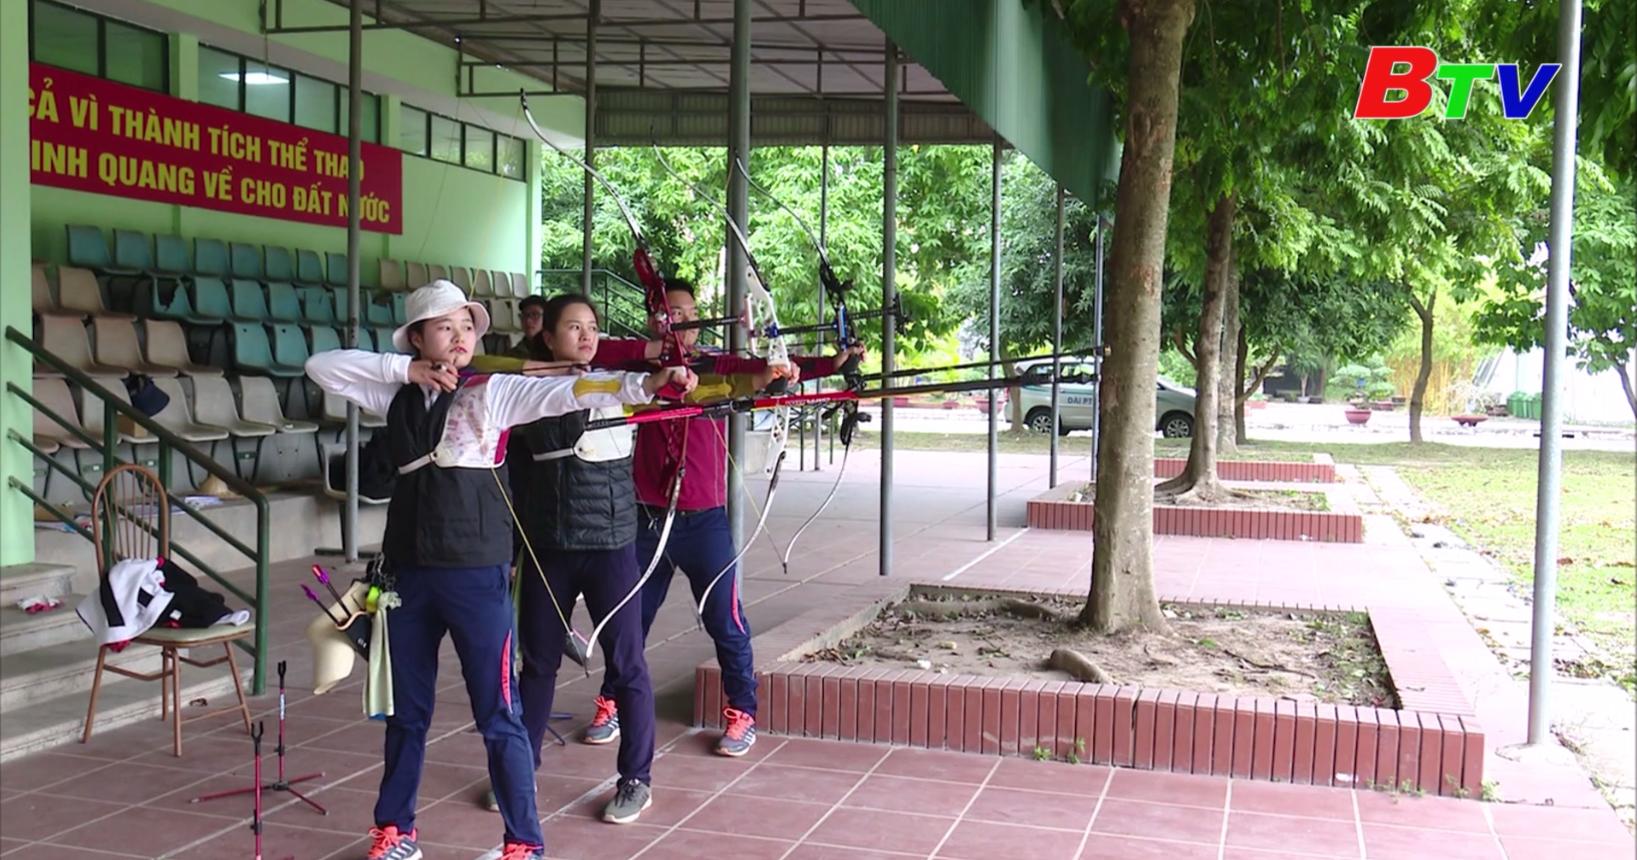 Bắn cung Việt Nam hướng tới mục tiêu Olympic